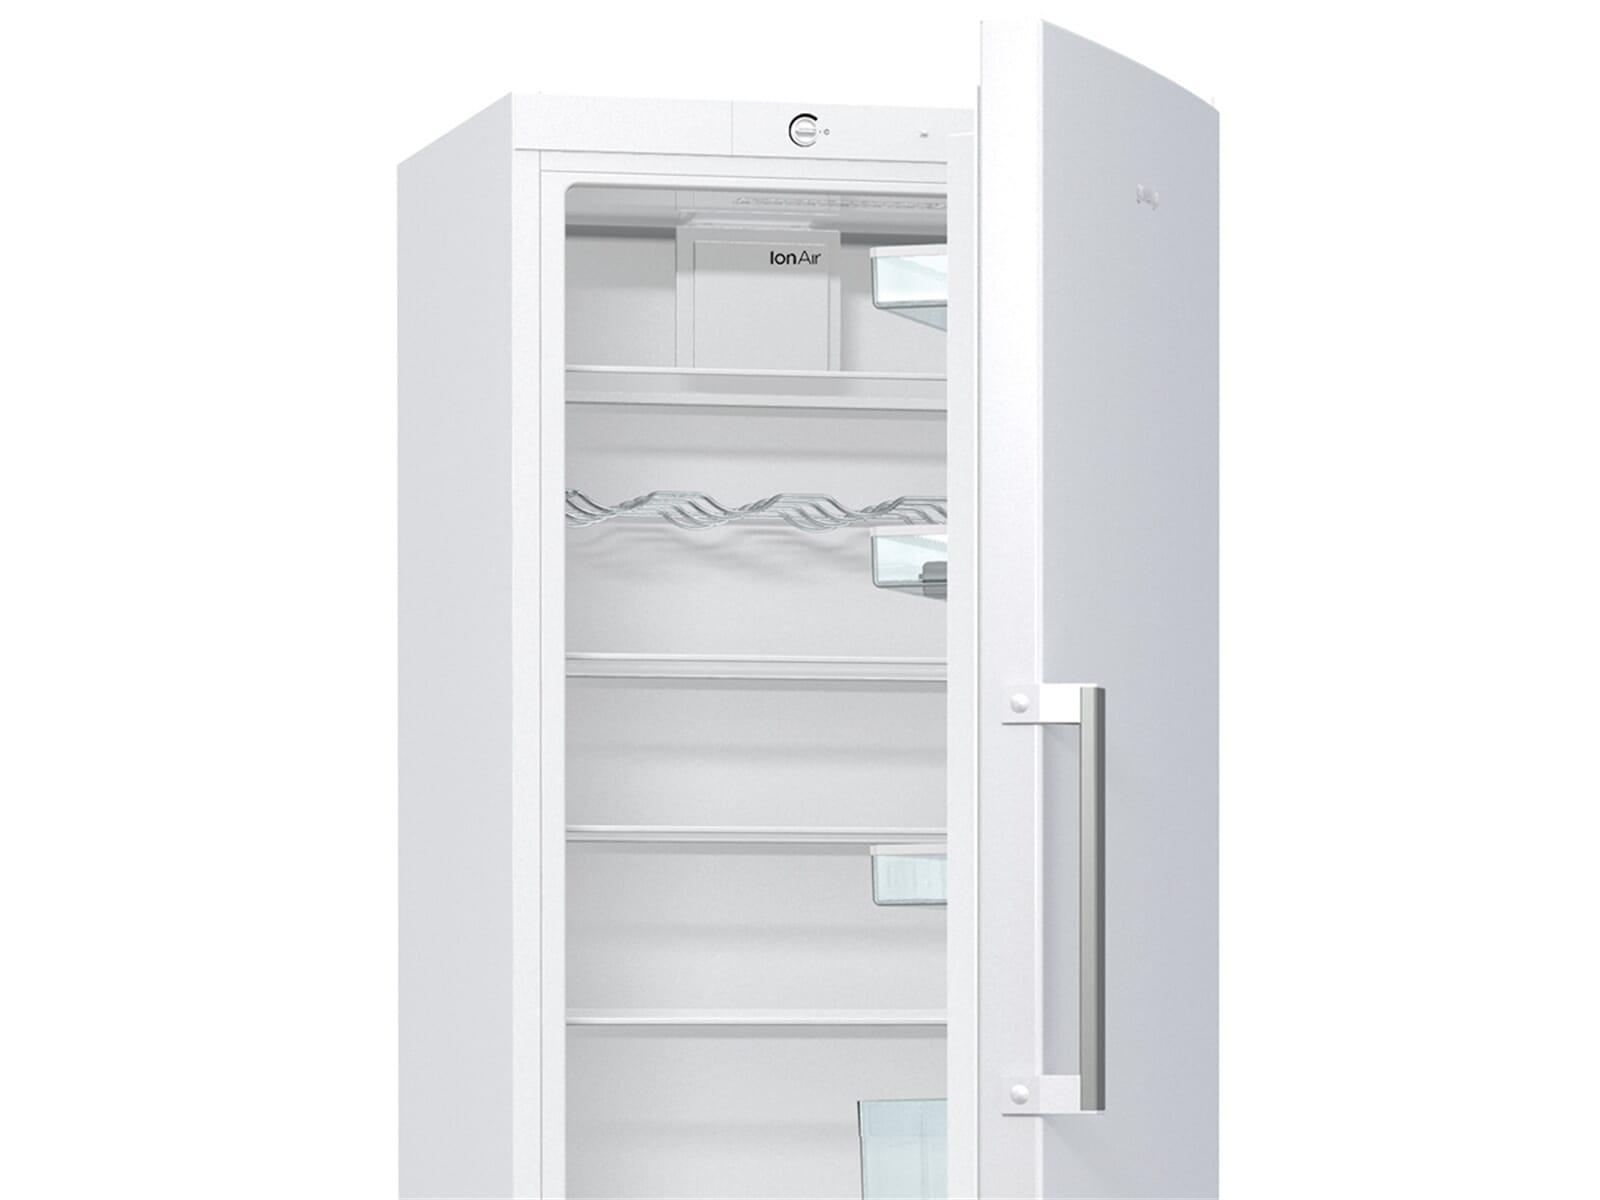 Gorenje Kühlschrank Weiß : Gorenje r fw standkühlschrank weiß